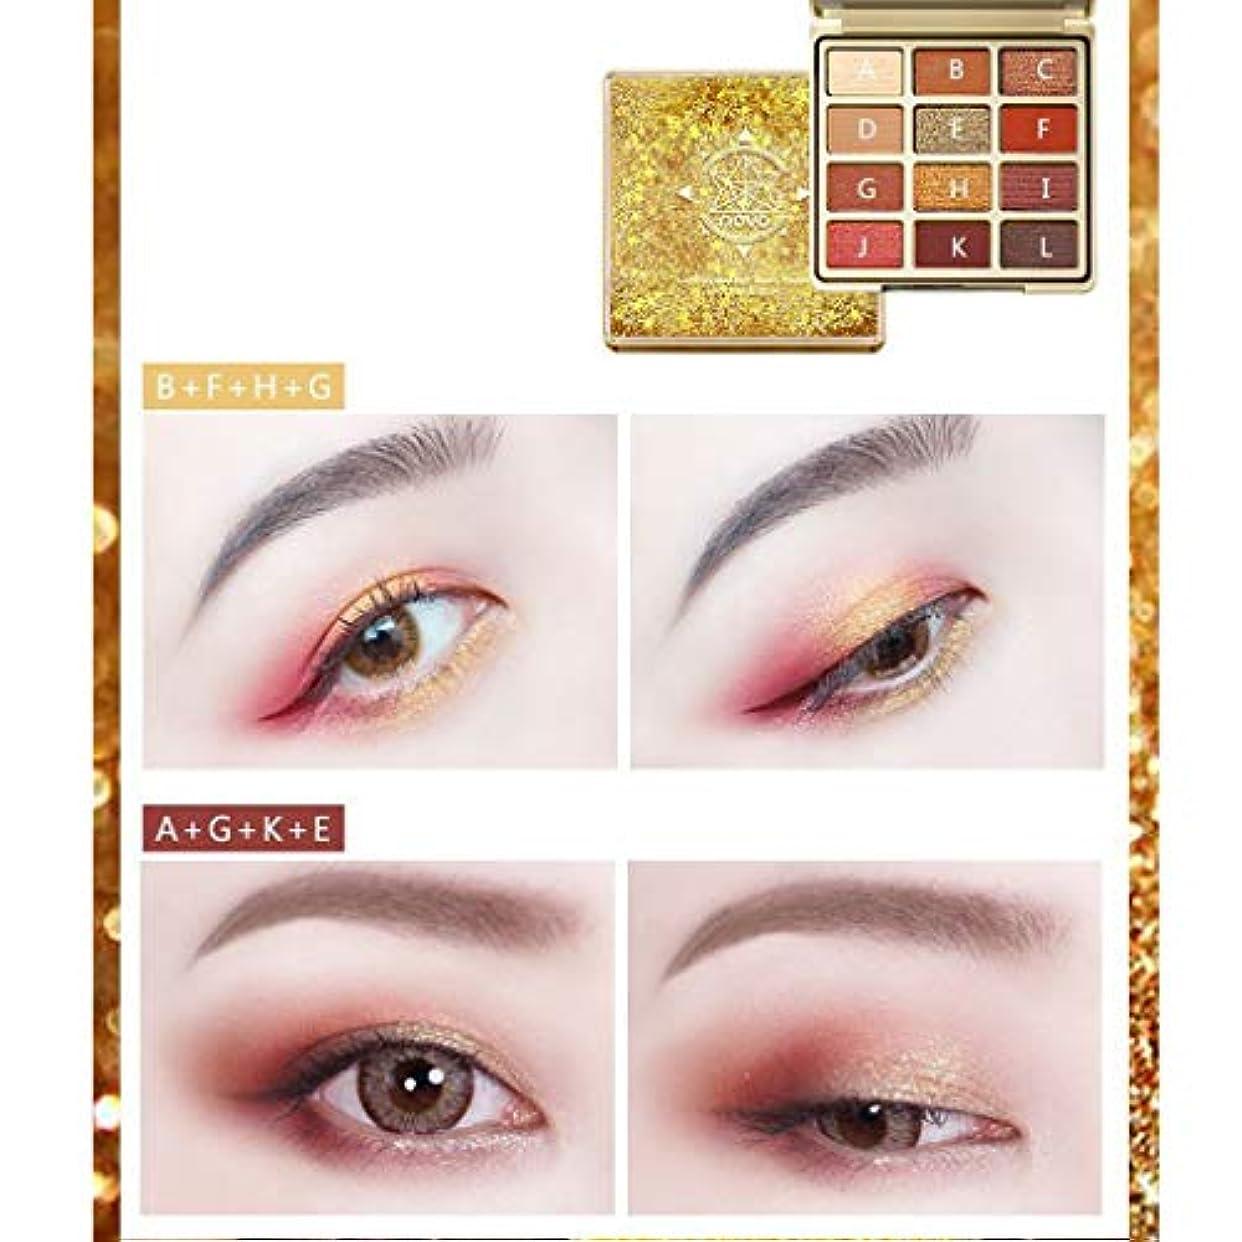 対人音楽を聴く到着Akane アイシャドウパレット Novo ファッション INS 人気 超綺麗 美しい キラキラ 優雅な 防水 魅力的 高級 可愛い 持ち便利 日常 Eye Shadow (12色) 103